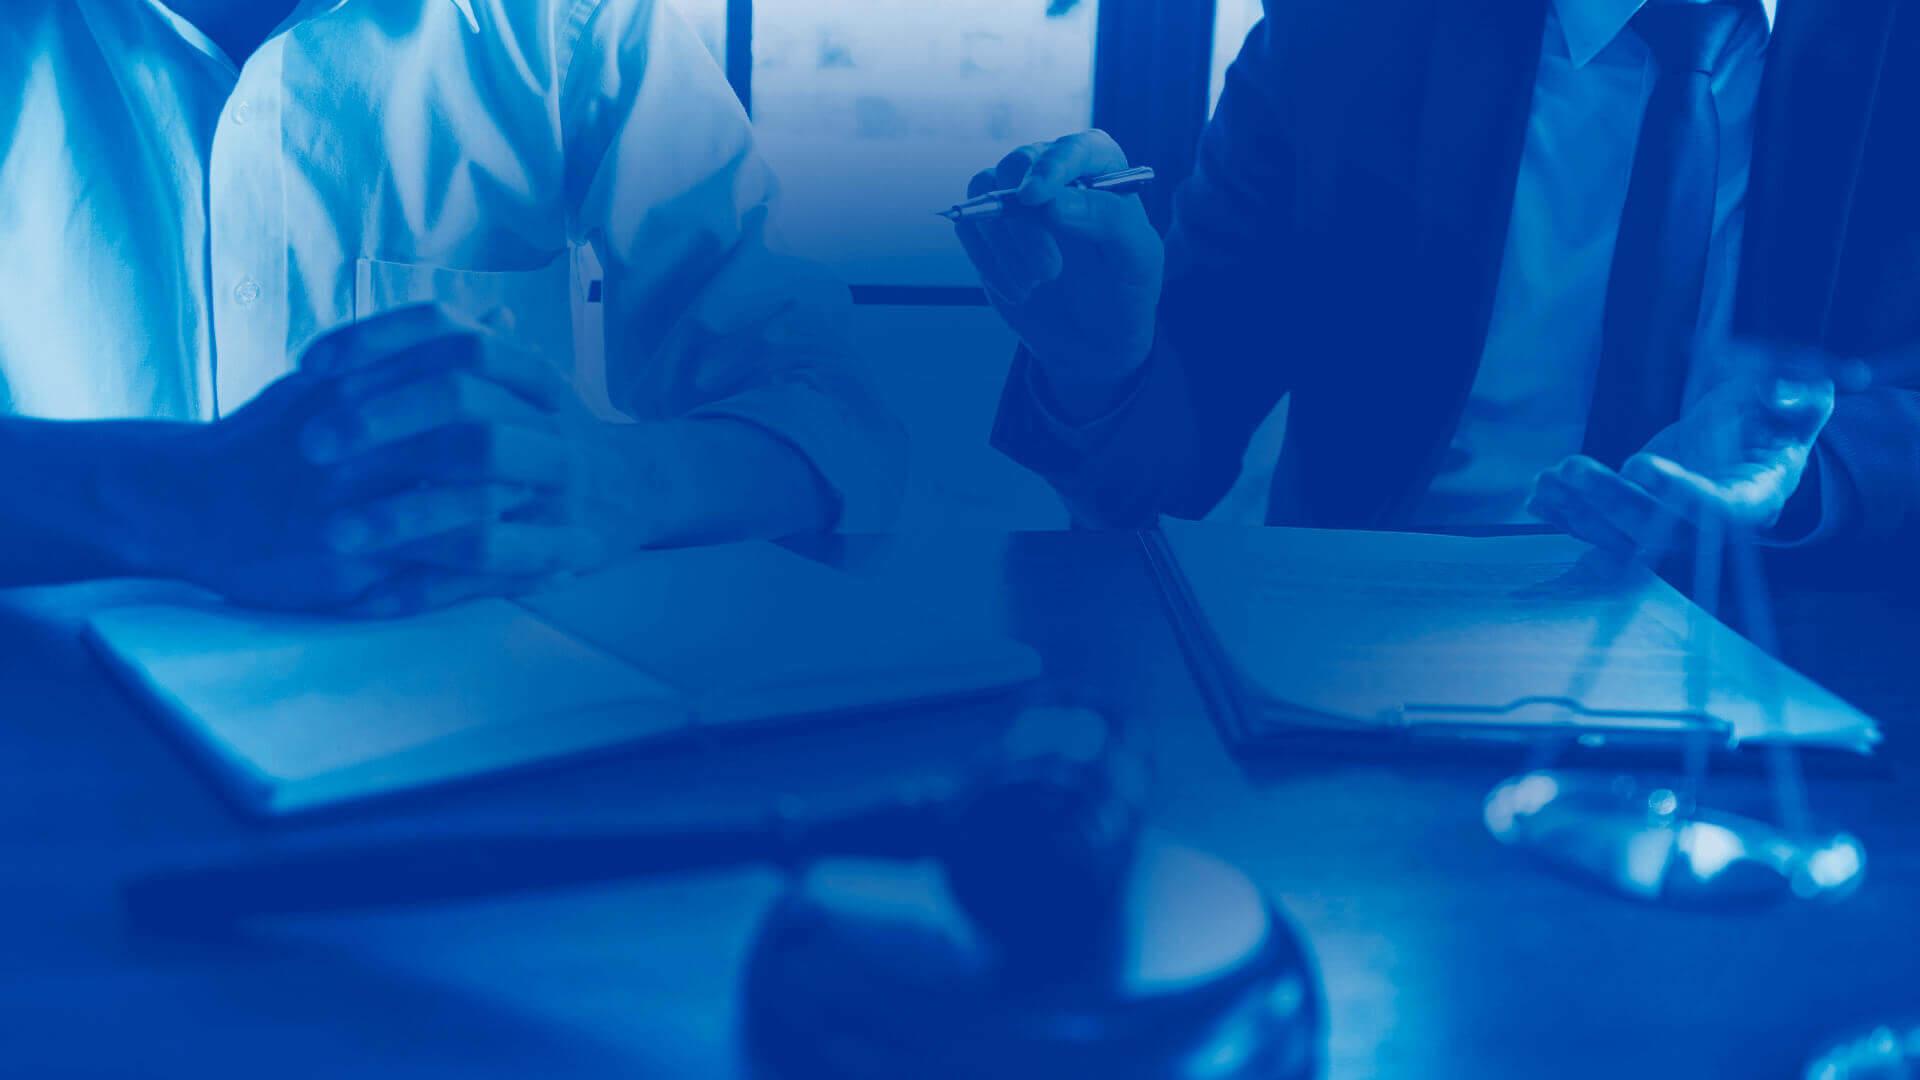 Mesa com papéis, filtro azul